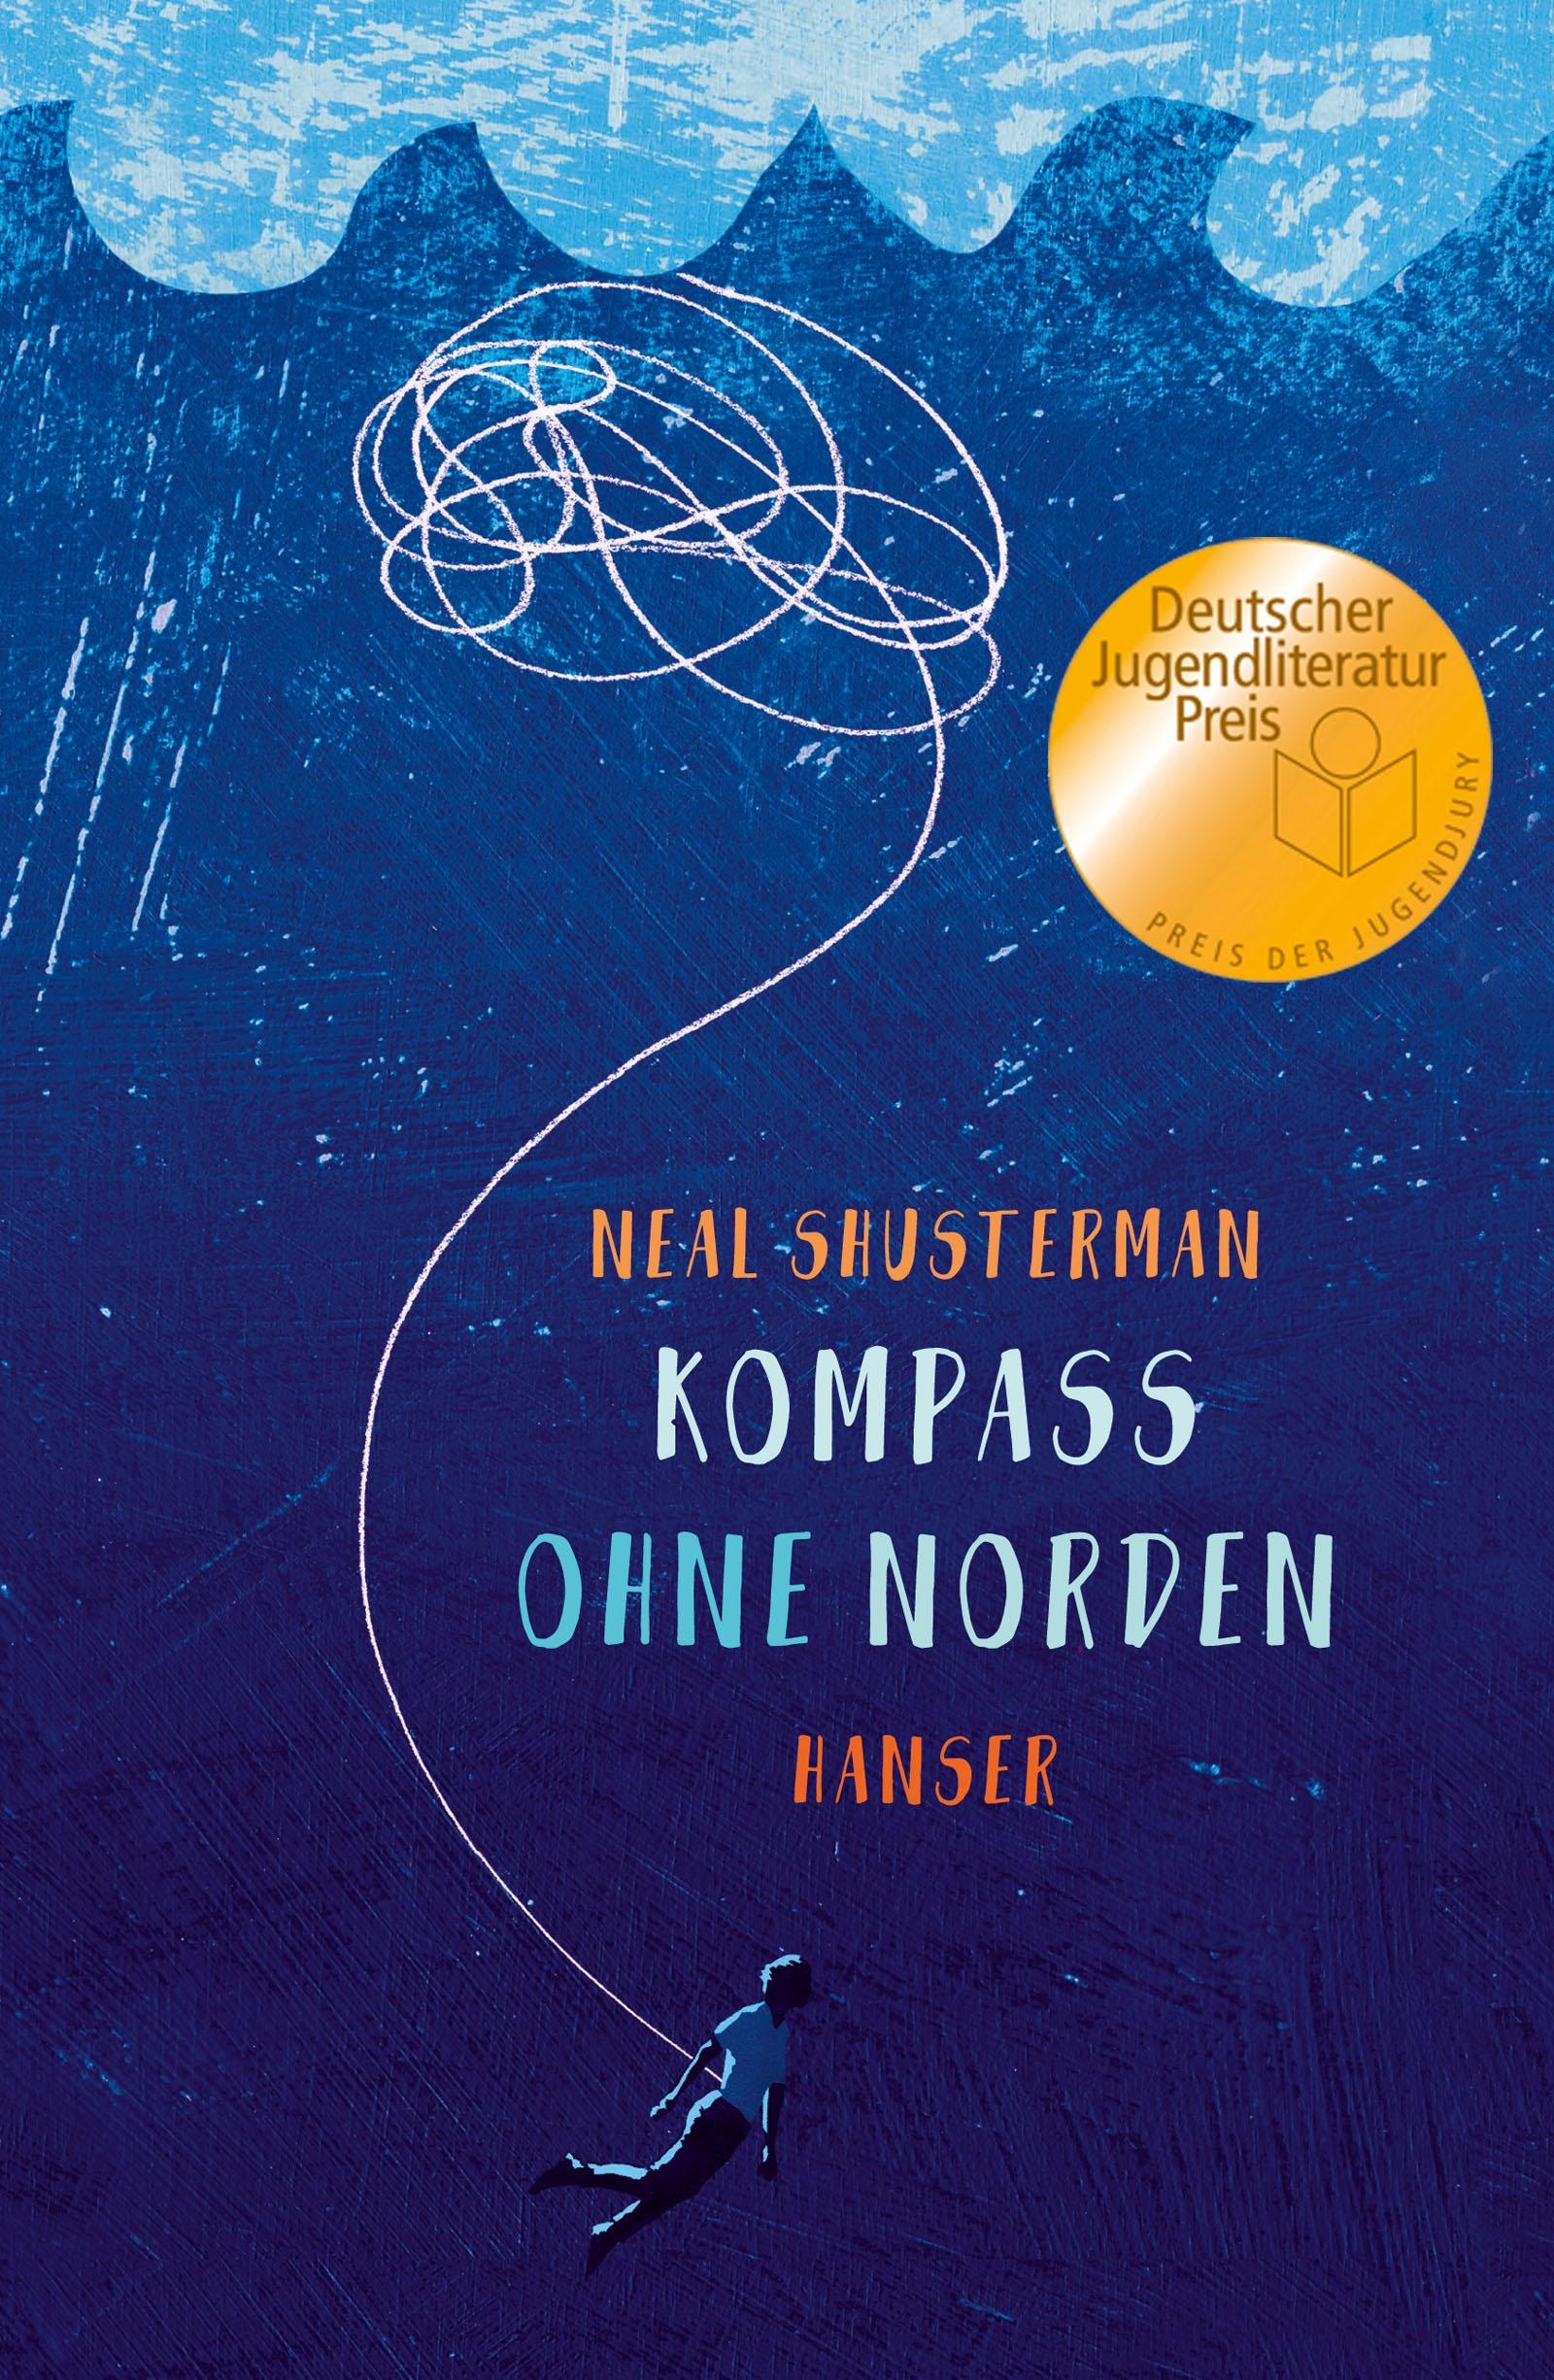 https://www.hanser-literaturverlage.de/buch/kompass-ohne-norden/978-3-446-26046-7/